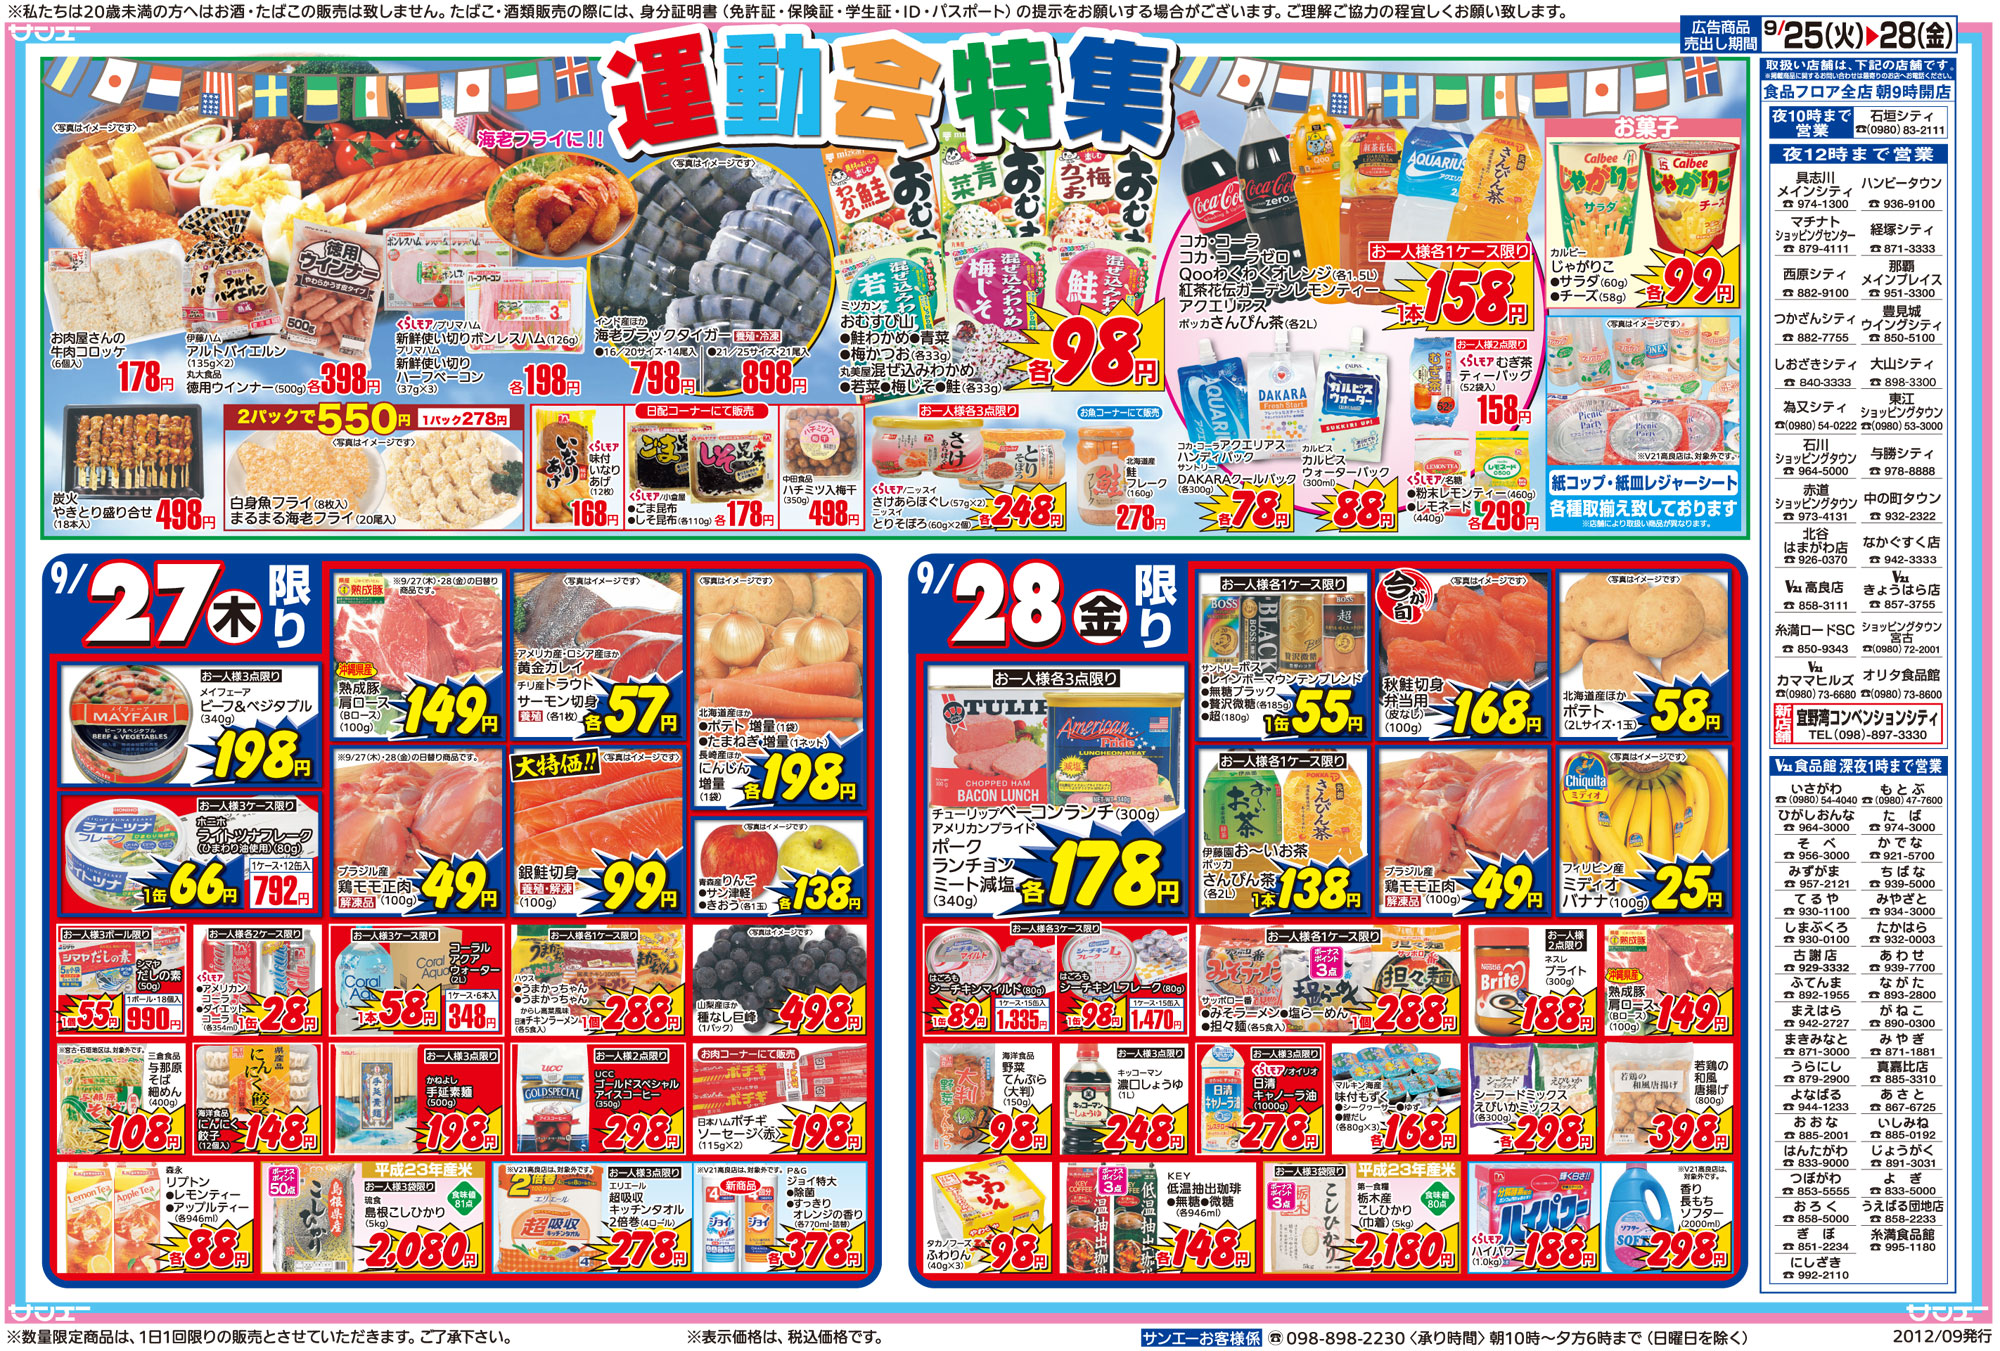 暮らし/情報/地域 CM(0) 2012/09/25 ... : ハッピーカレンダー 2015 : カレンダー